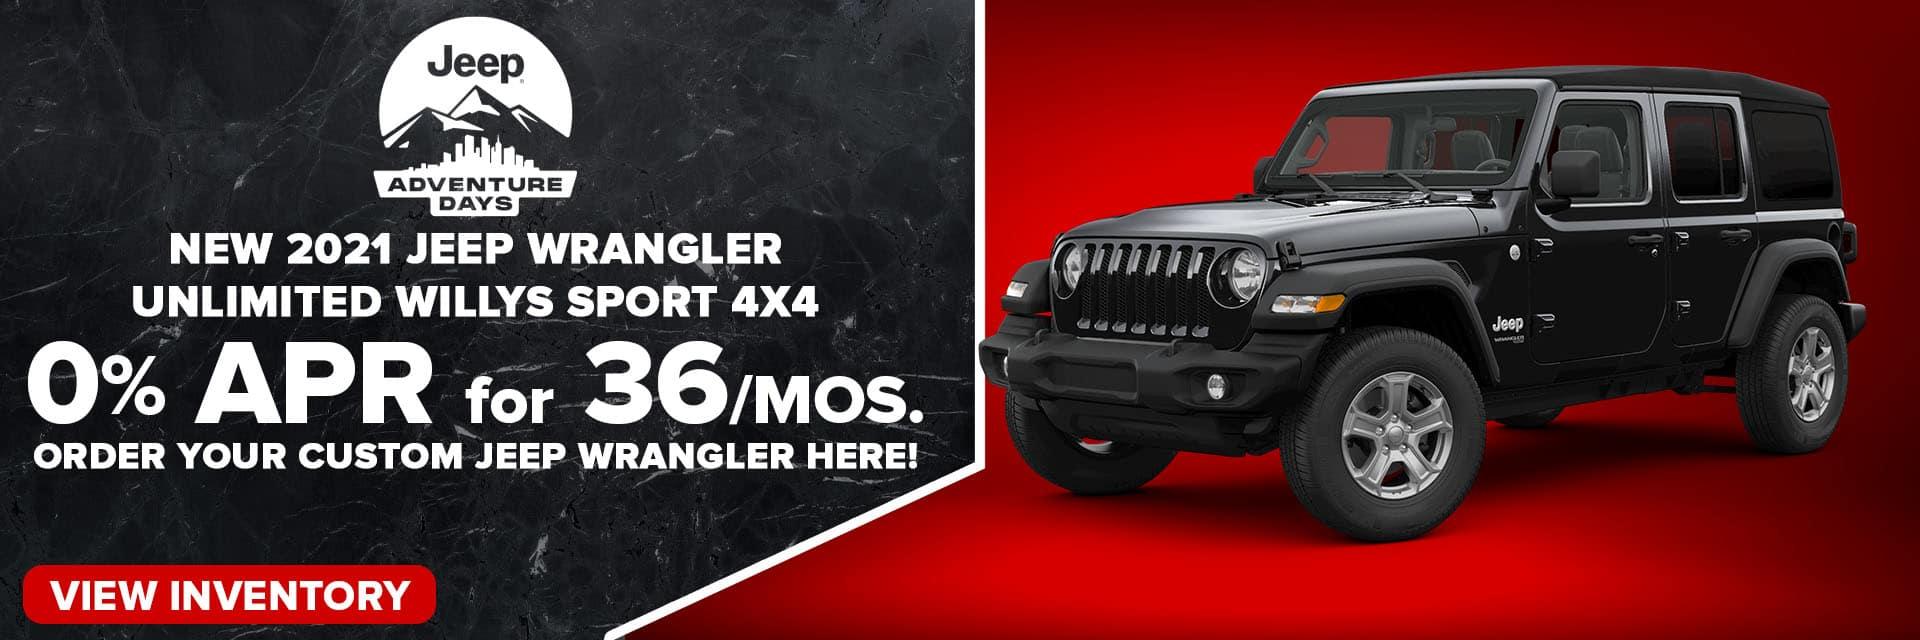 SLCJ-September 2021-2021 Jeep Wrangler copy